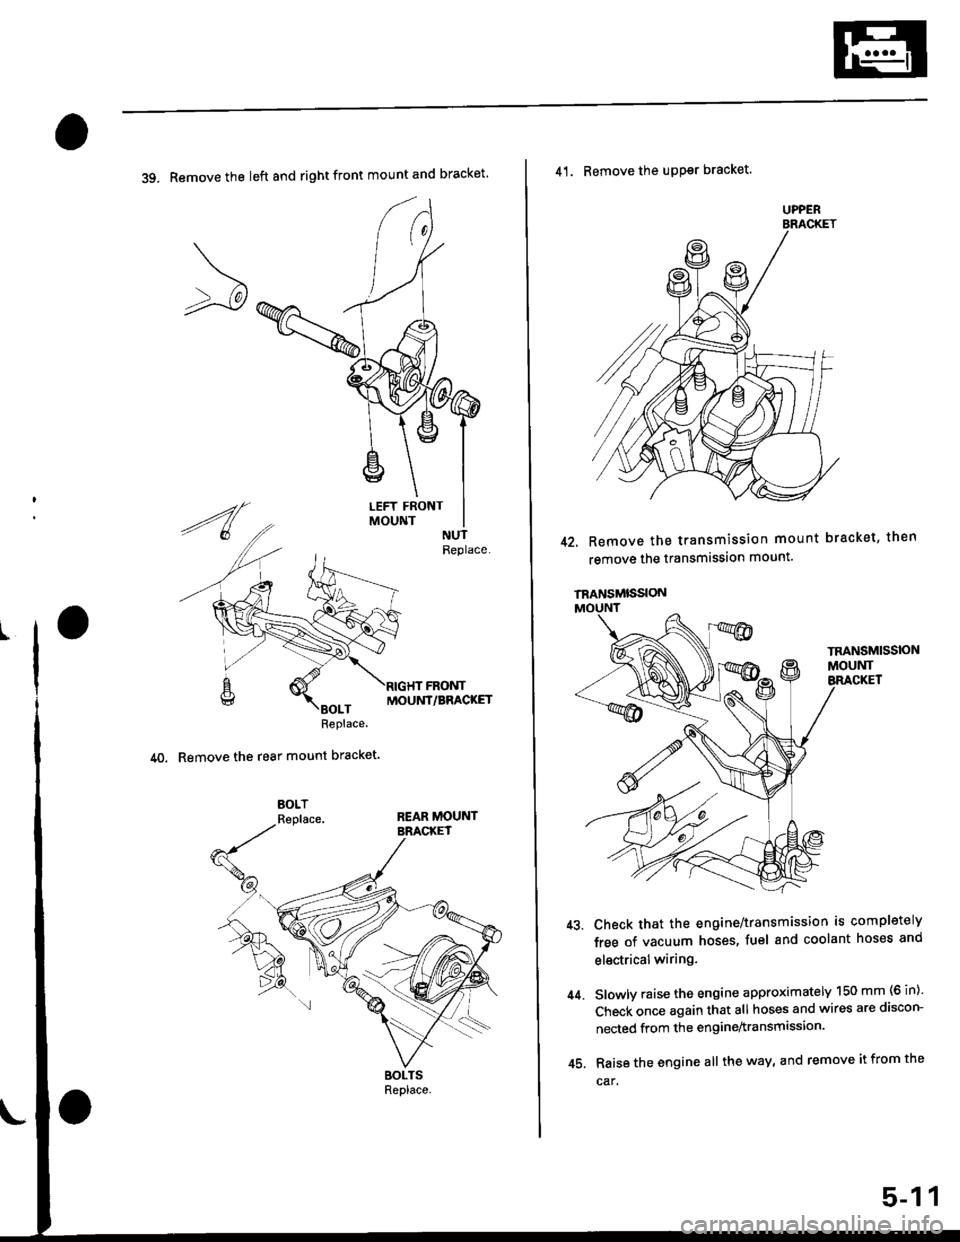 2000 honda civic manual engine